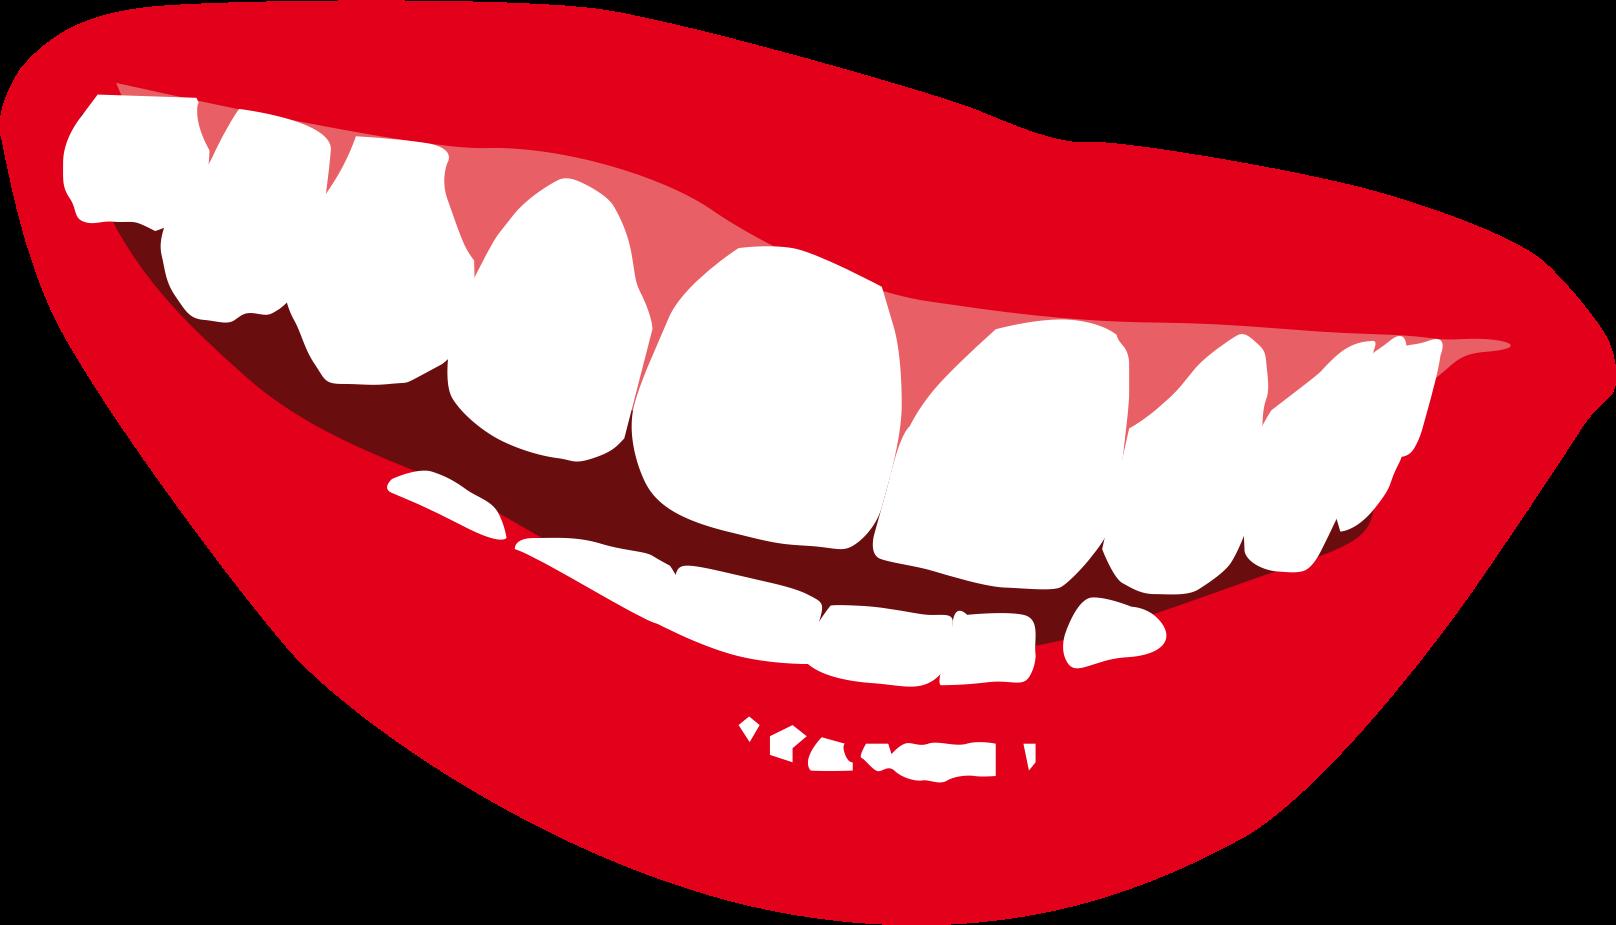 Lipstick clipart smile Clipart Best #10062 Smile Clipartion